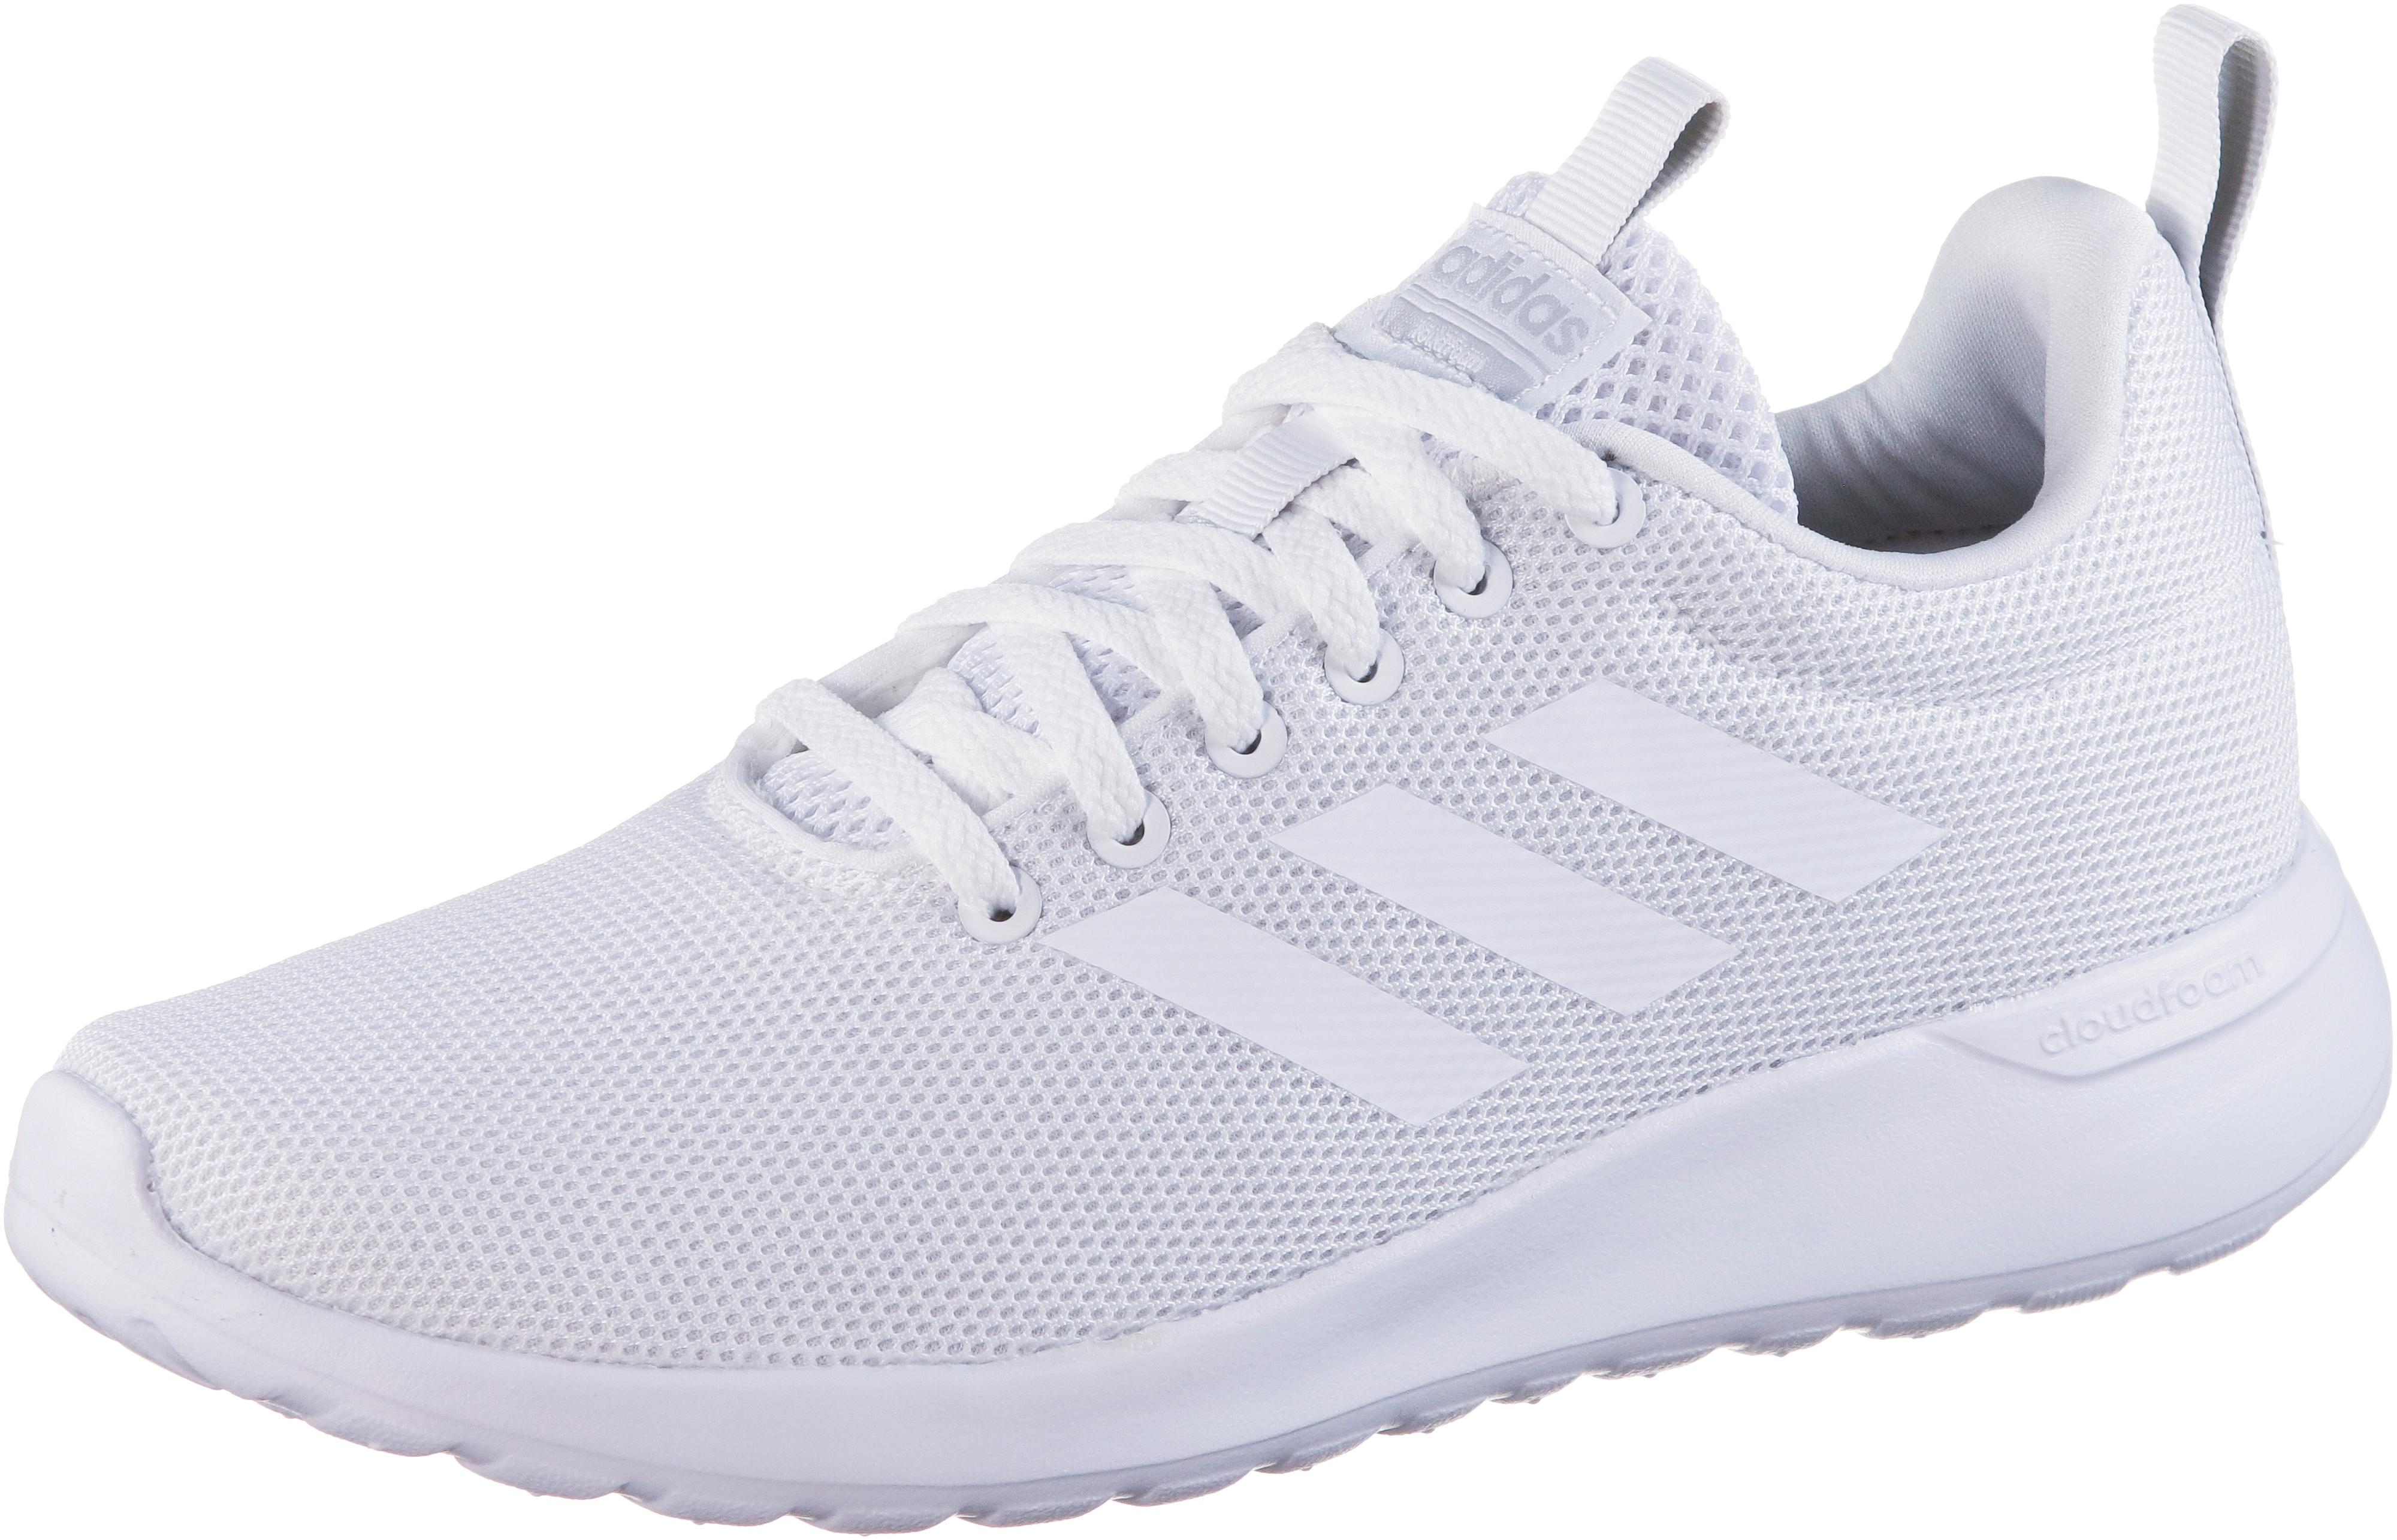 adidas LITE RACER CLN Sneaker Damen ftwr white im Online Shop von  SportScheck kaufen